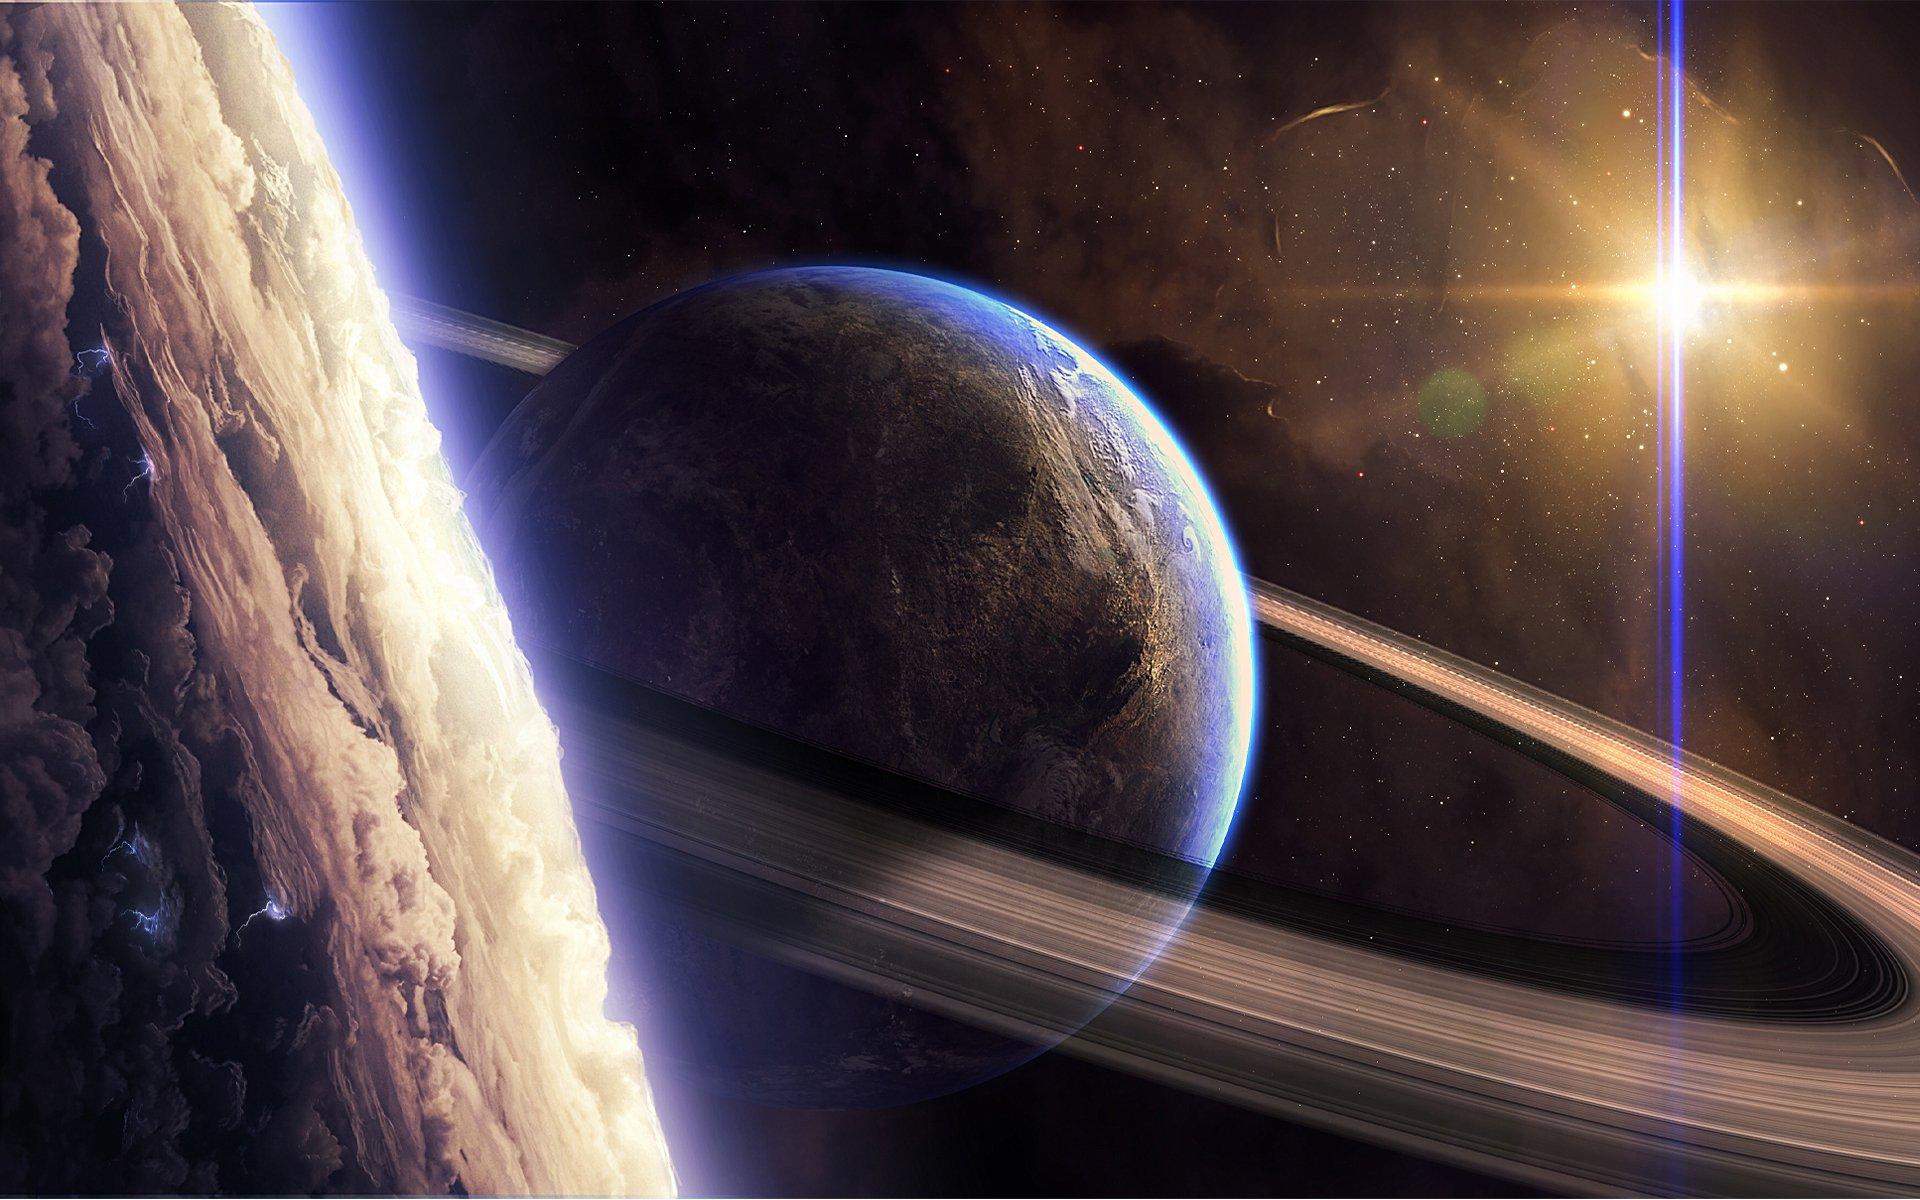 Обои Над планетой картинки на рабочий стол на тему Космос - скачать без смс